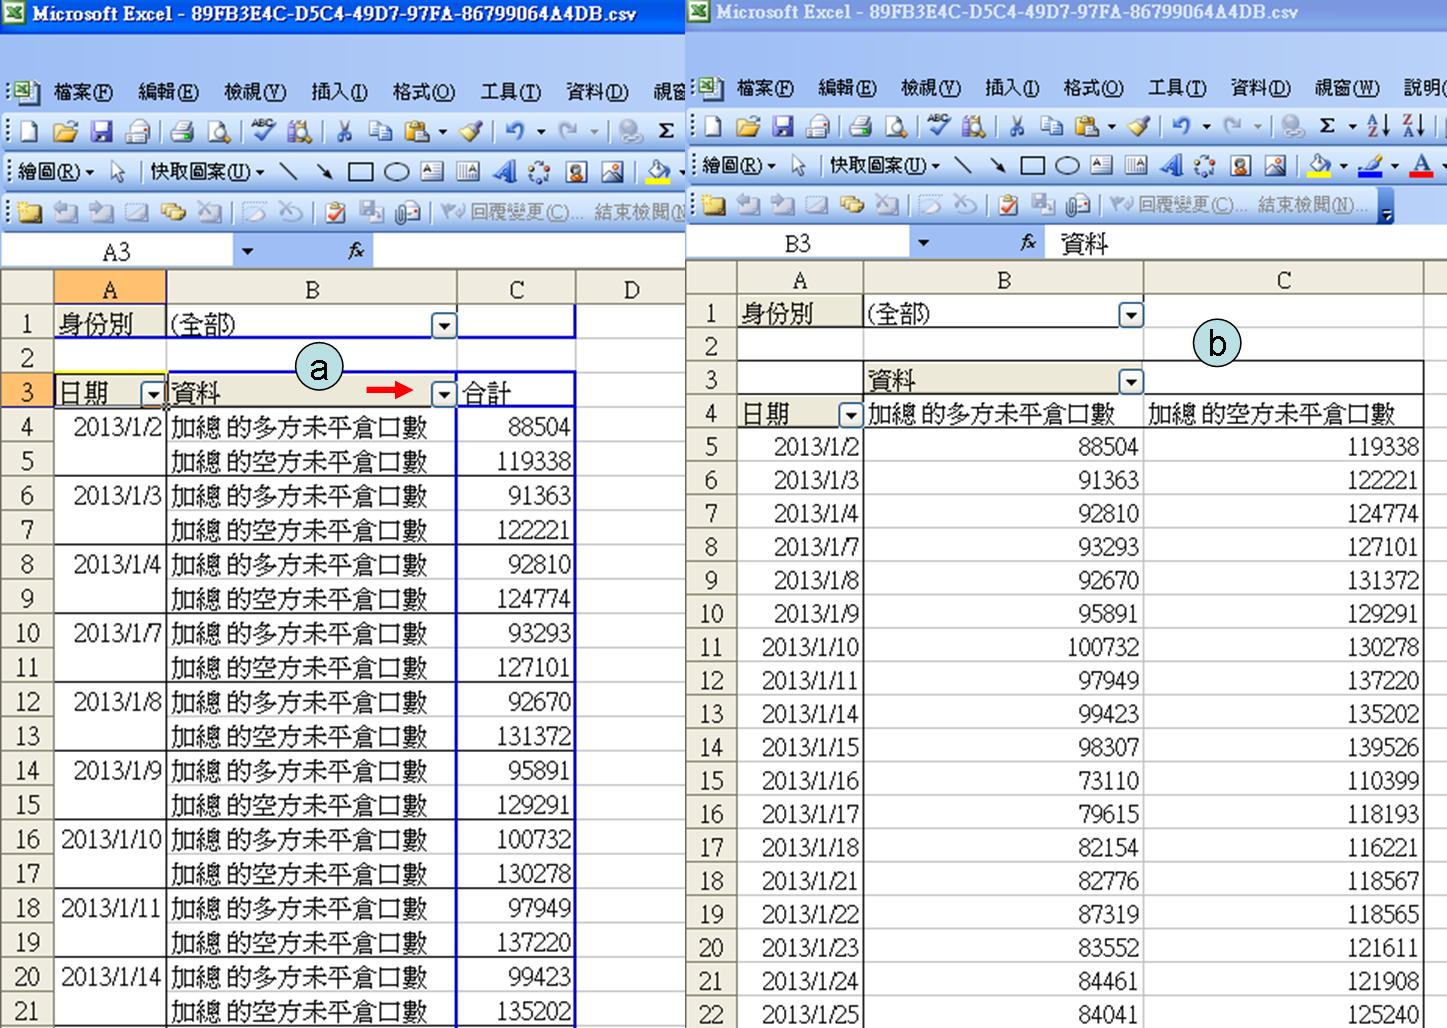 籌碼資料整理的好幫手 - Excel 樞紐分析表(1) - 程式交易≠Holy Grail